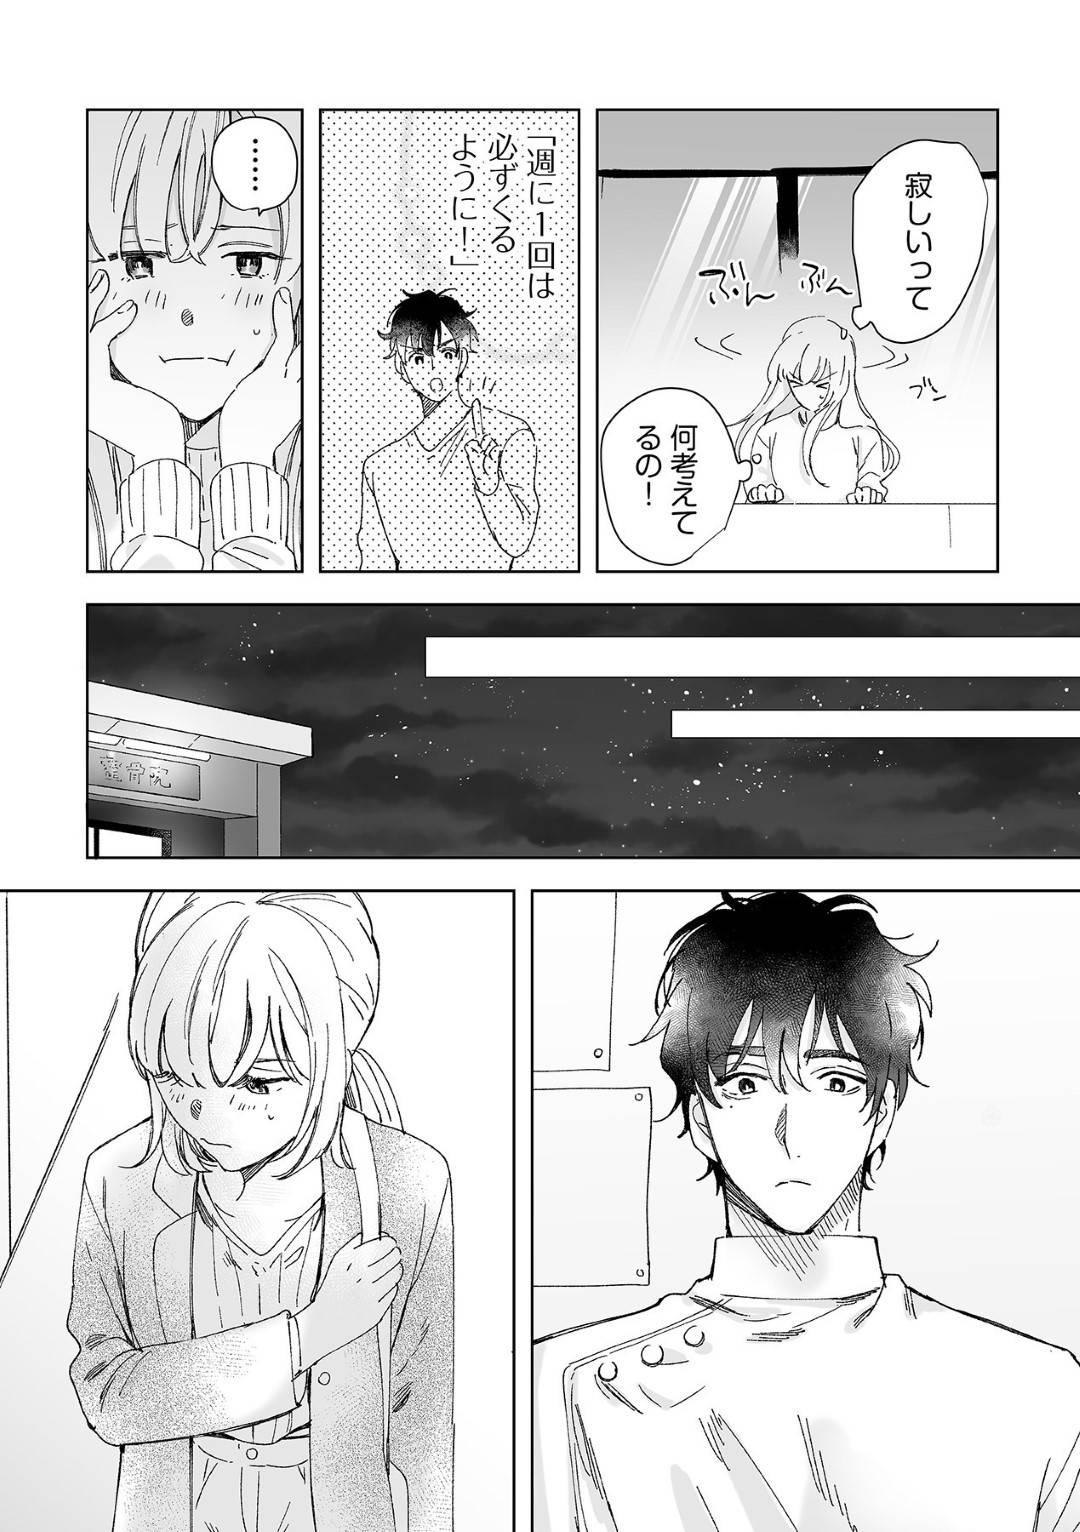 【エロ漫画】幼馴染の整体師に敏感なところを揉まれて感じちゃうOL